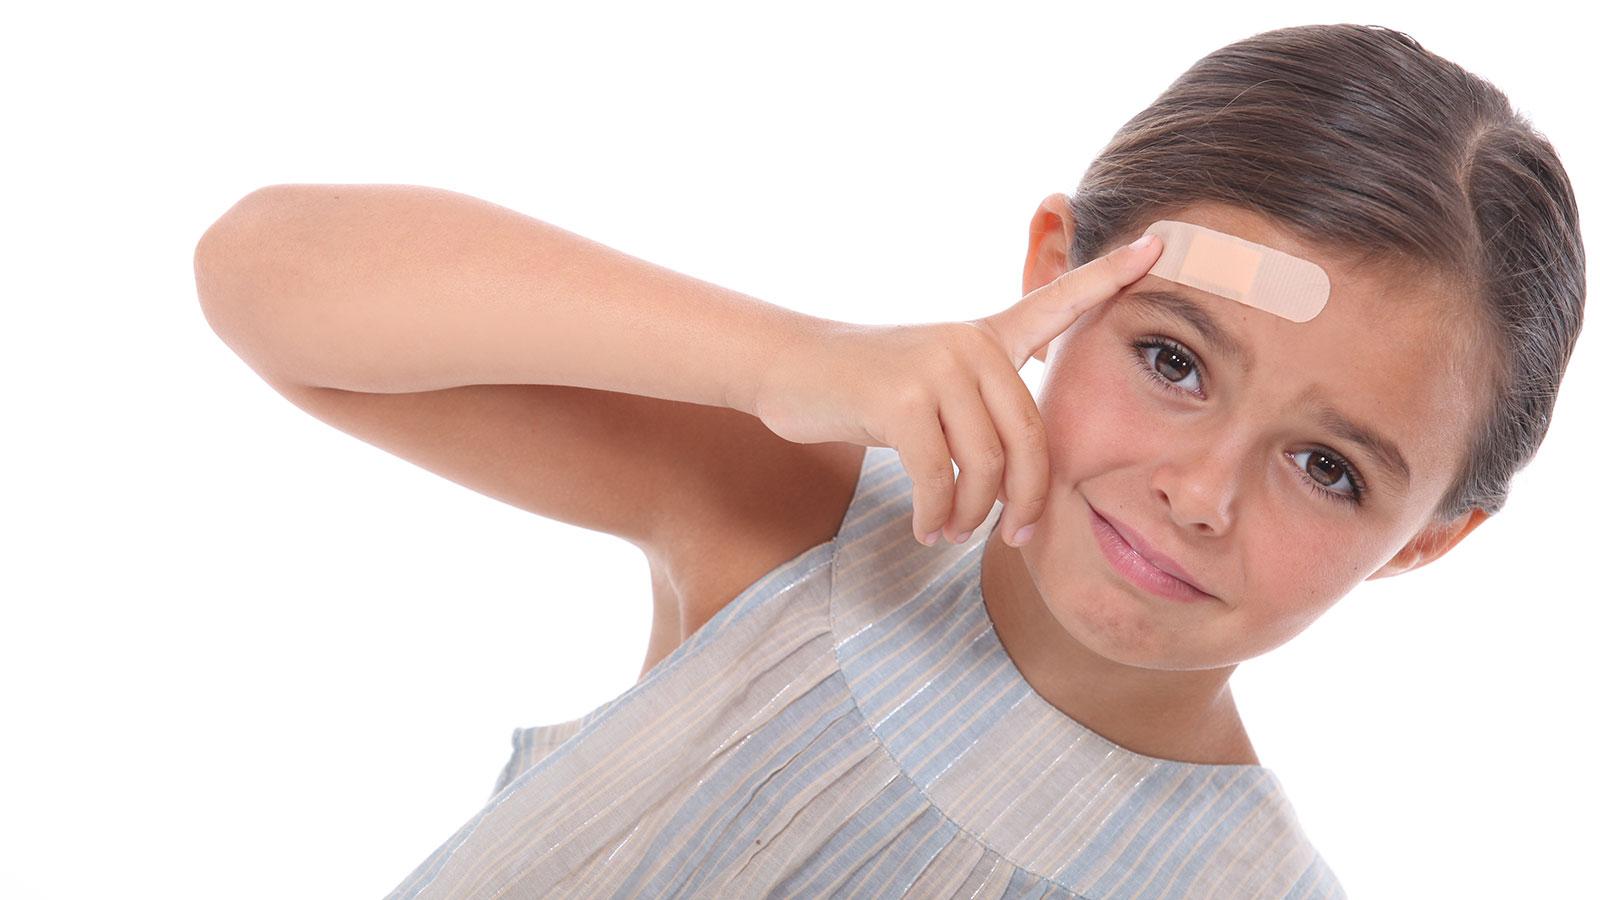 ¿Existe un tratamiento efectivo para eliminar las cicatrices?